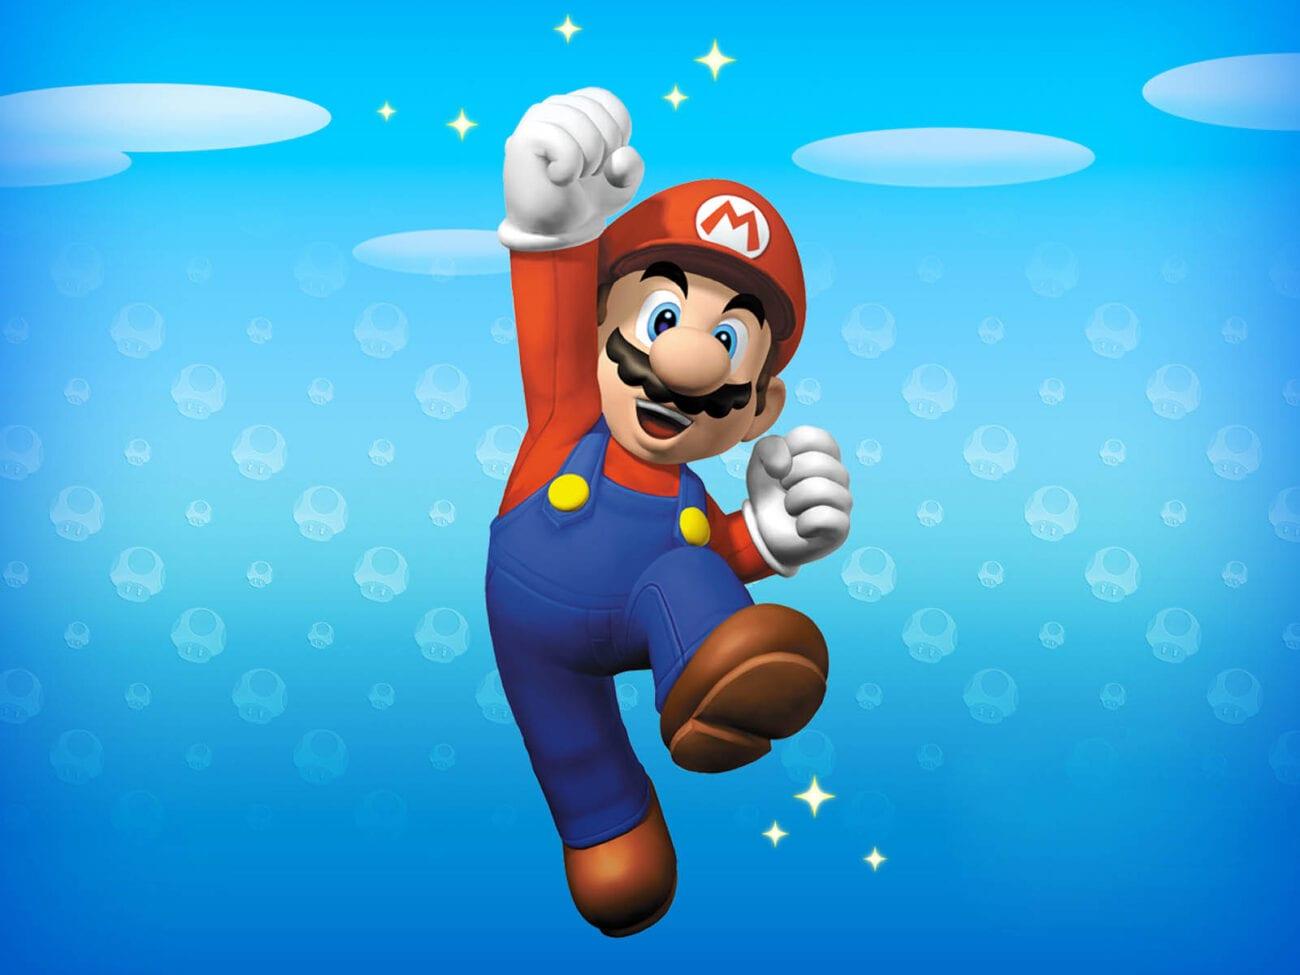 Desde las maquinitas hasta el Nintendo Switch ¿Sabes cuál es el mejor juego de Mario Bros. de todos los tiempos? ¡Descúbrelo aquí!